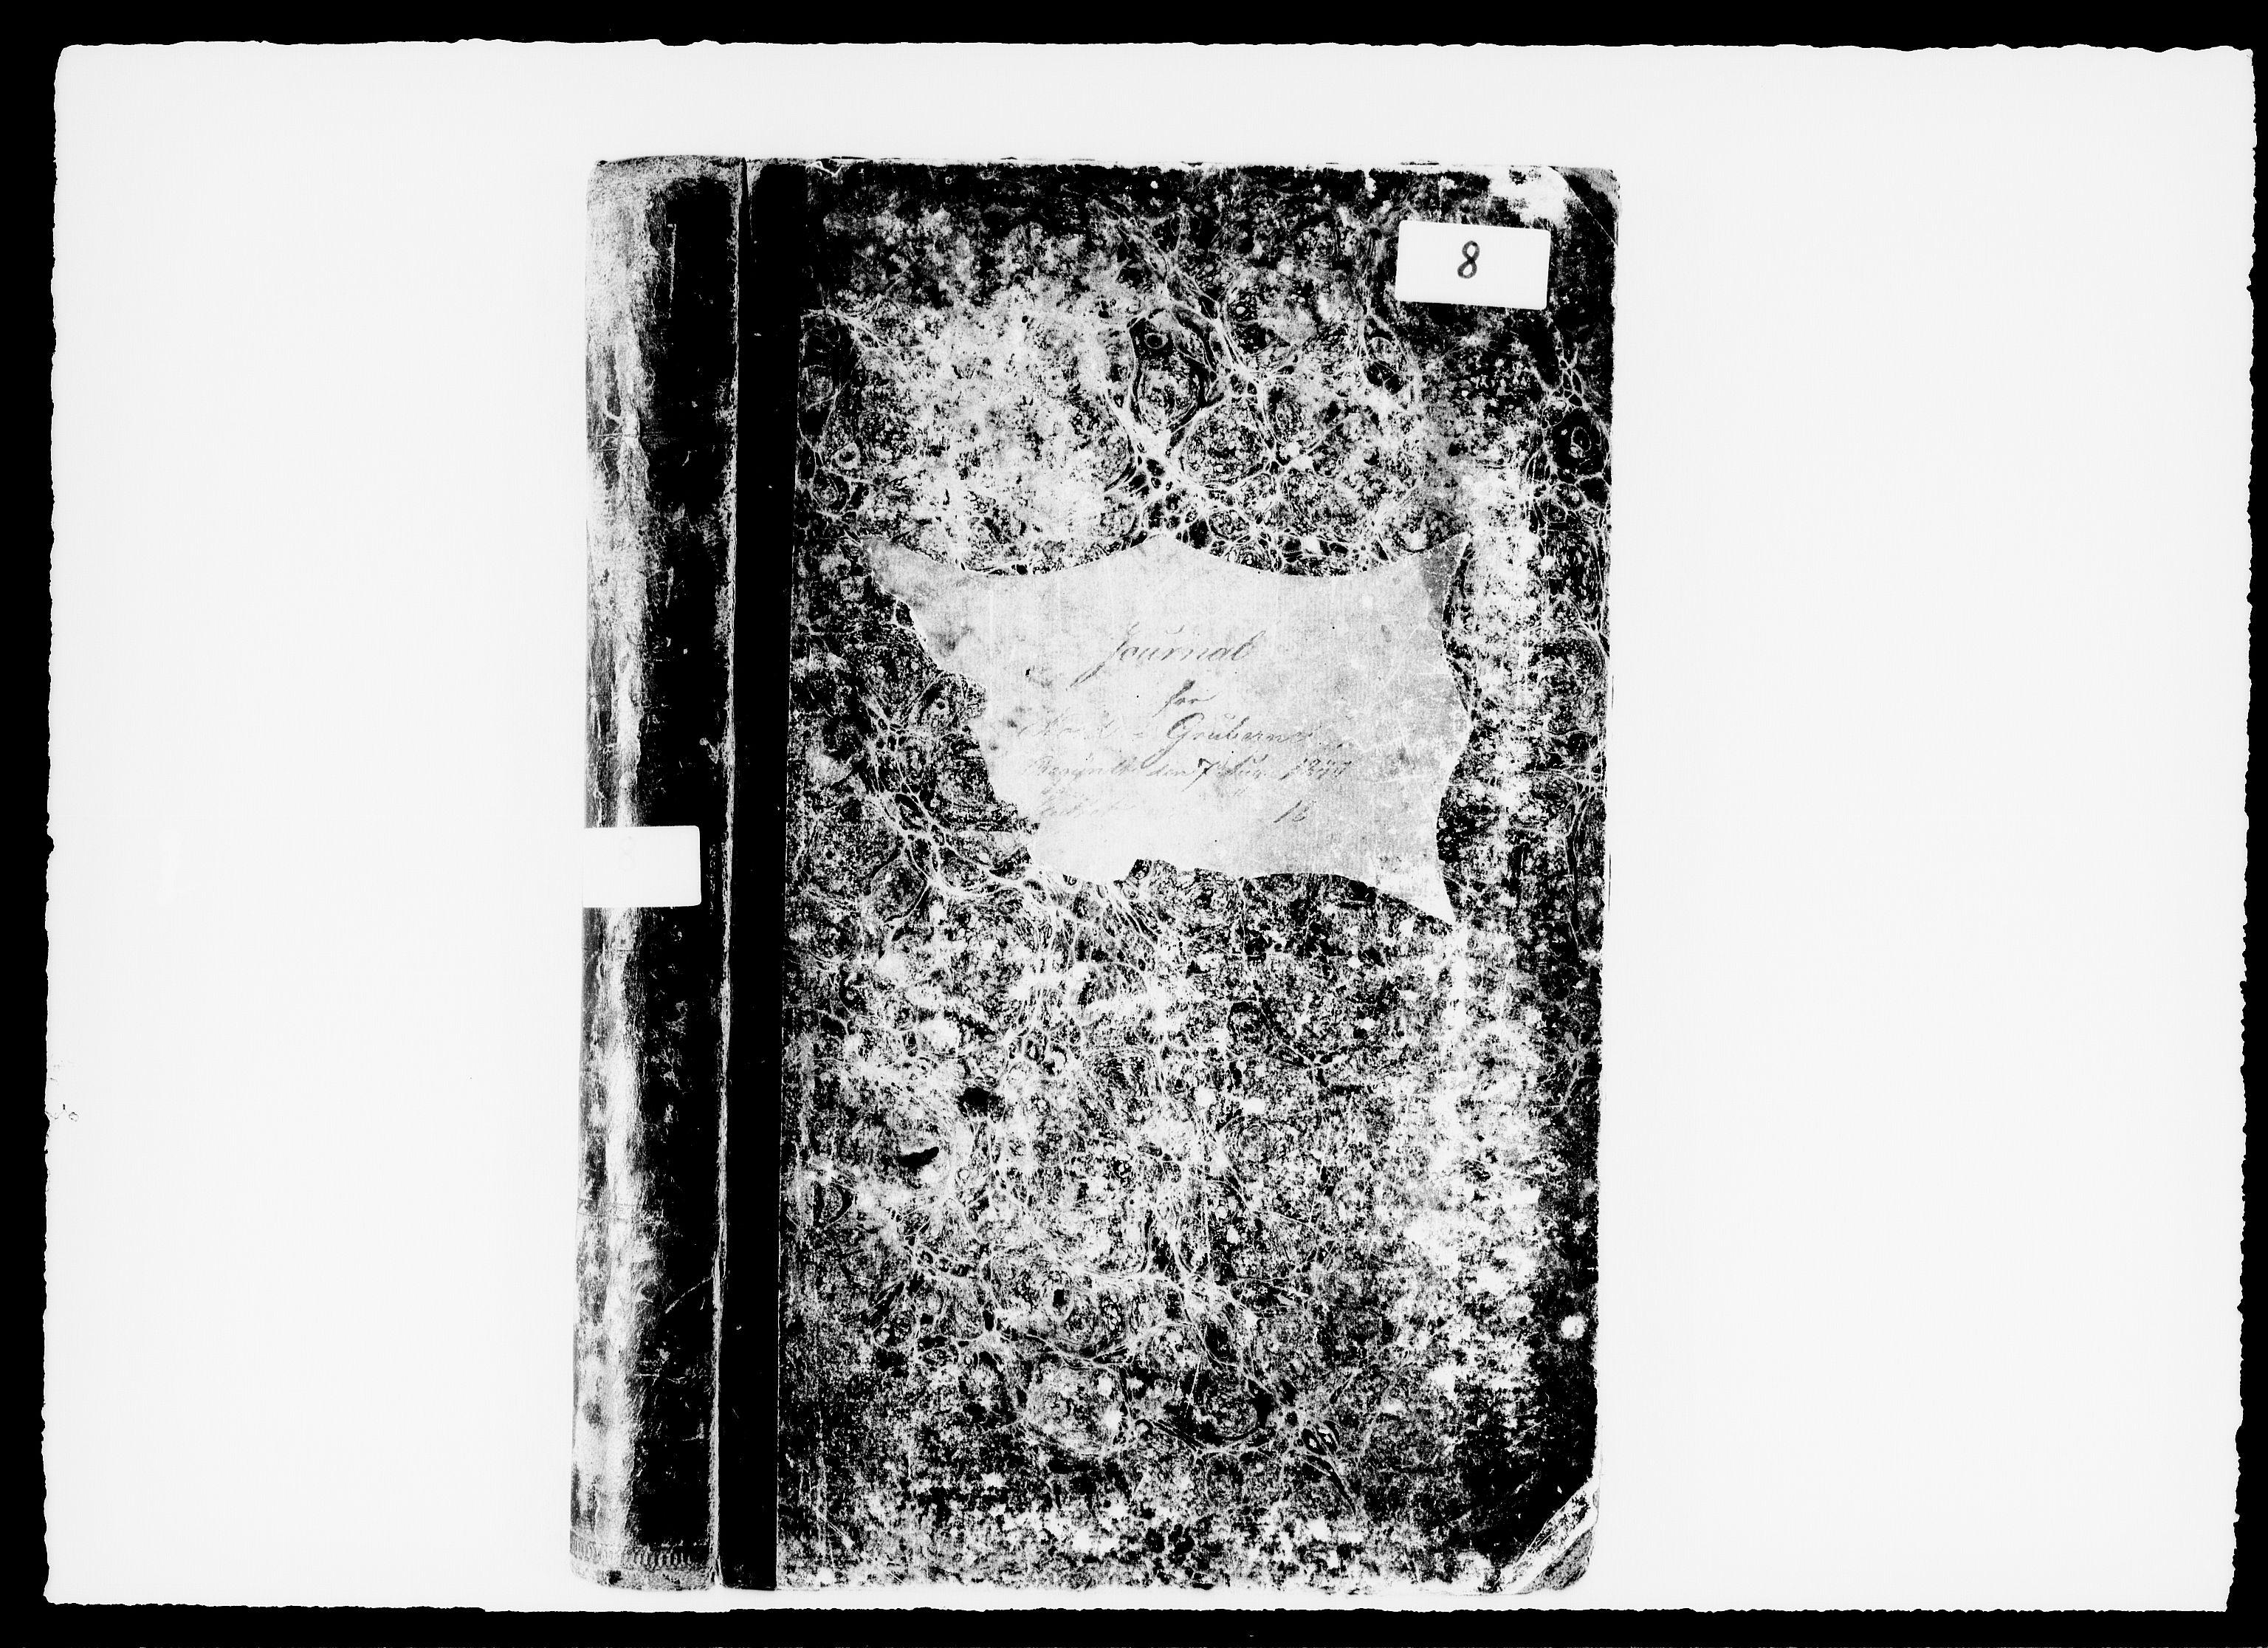 RA, Modums Blaafarveværk, G/Ge/L0312, 1840-1844, s. 2